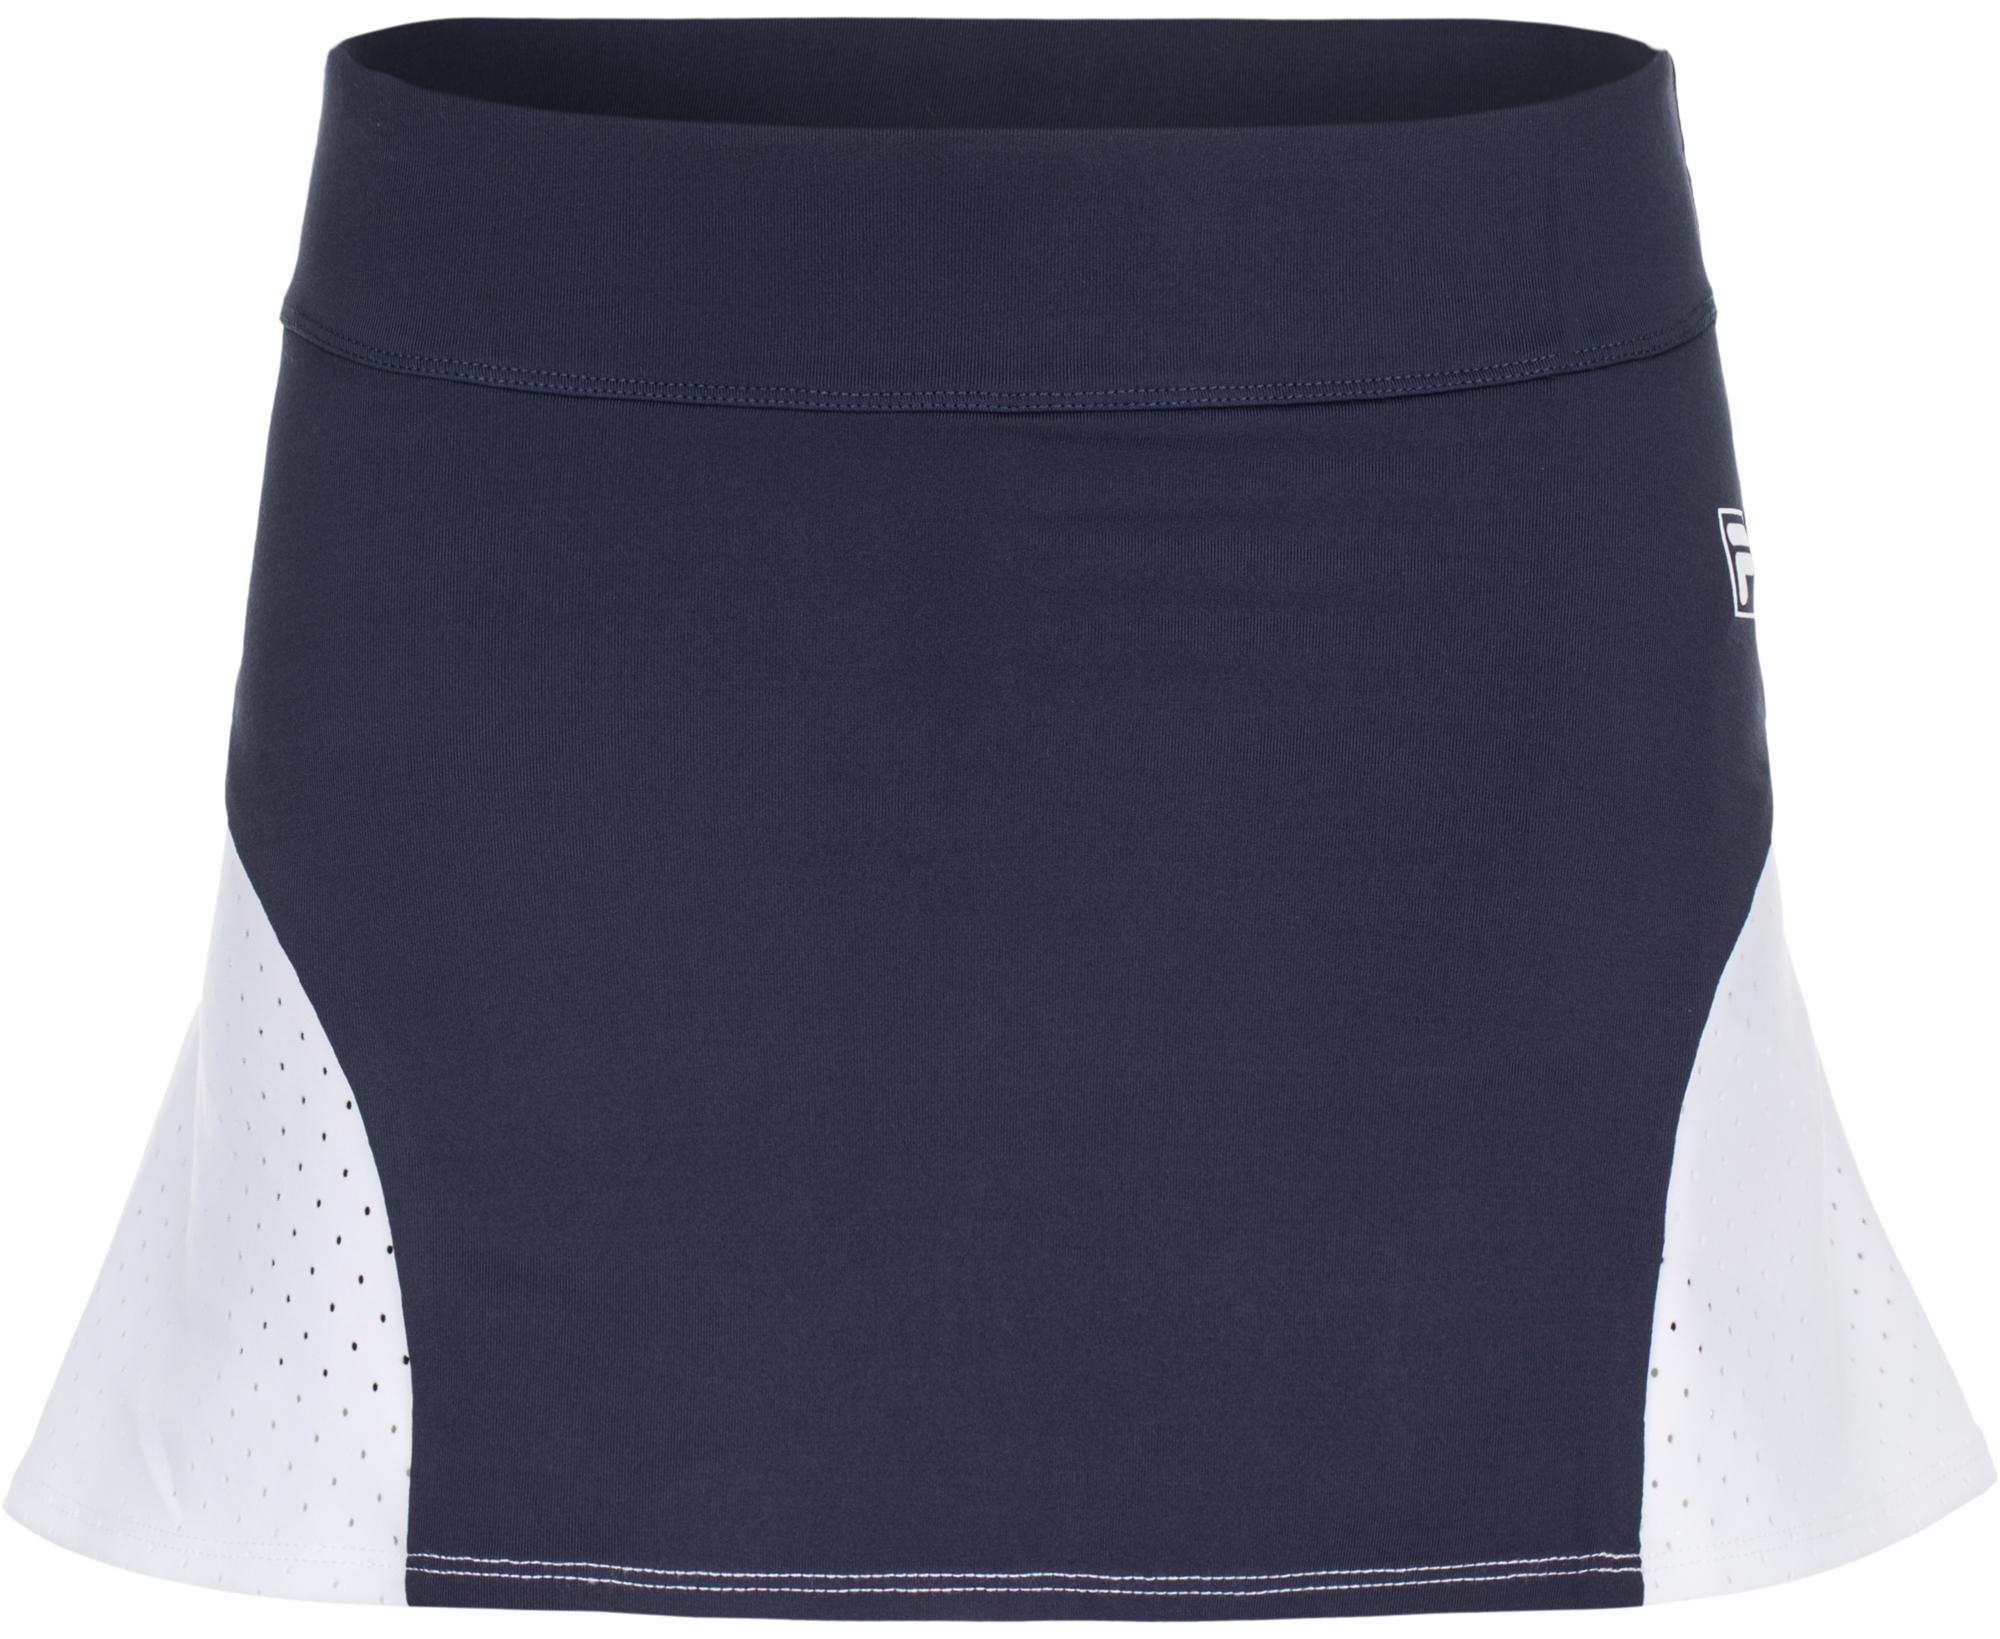 Fila Юбка-шорты для девочек Fila, размер 164